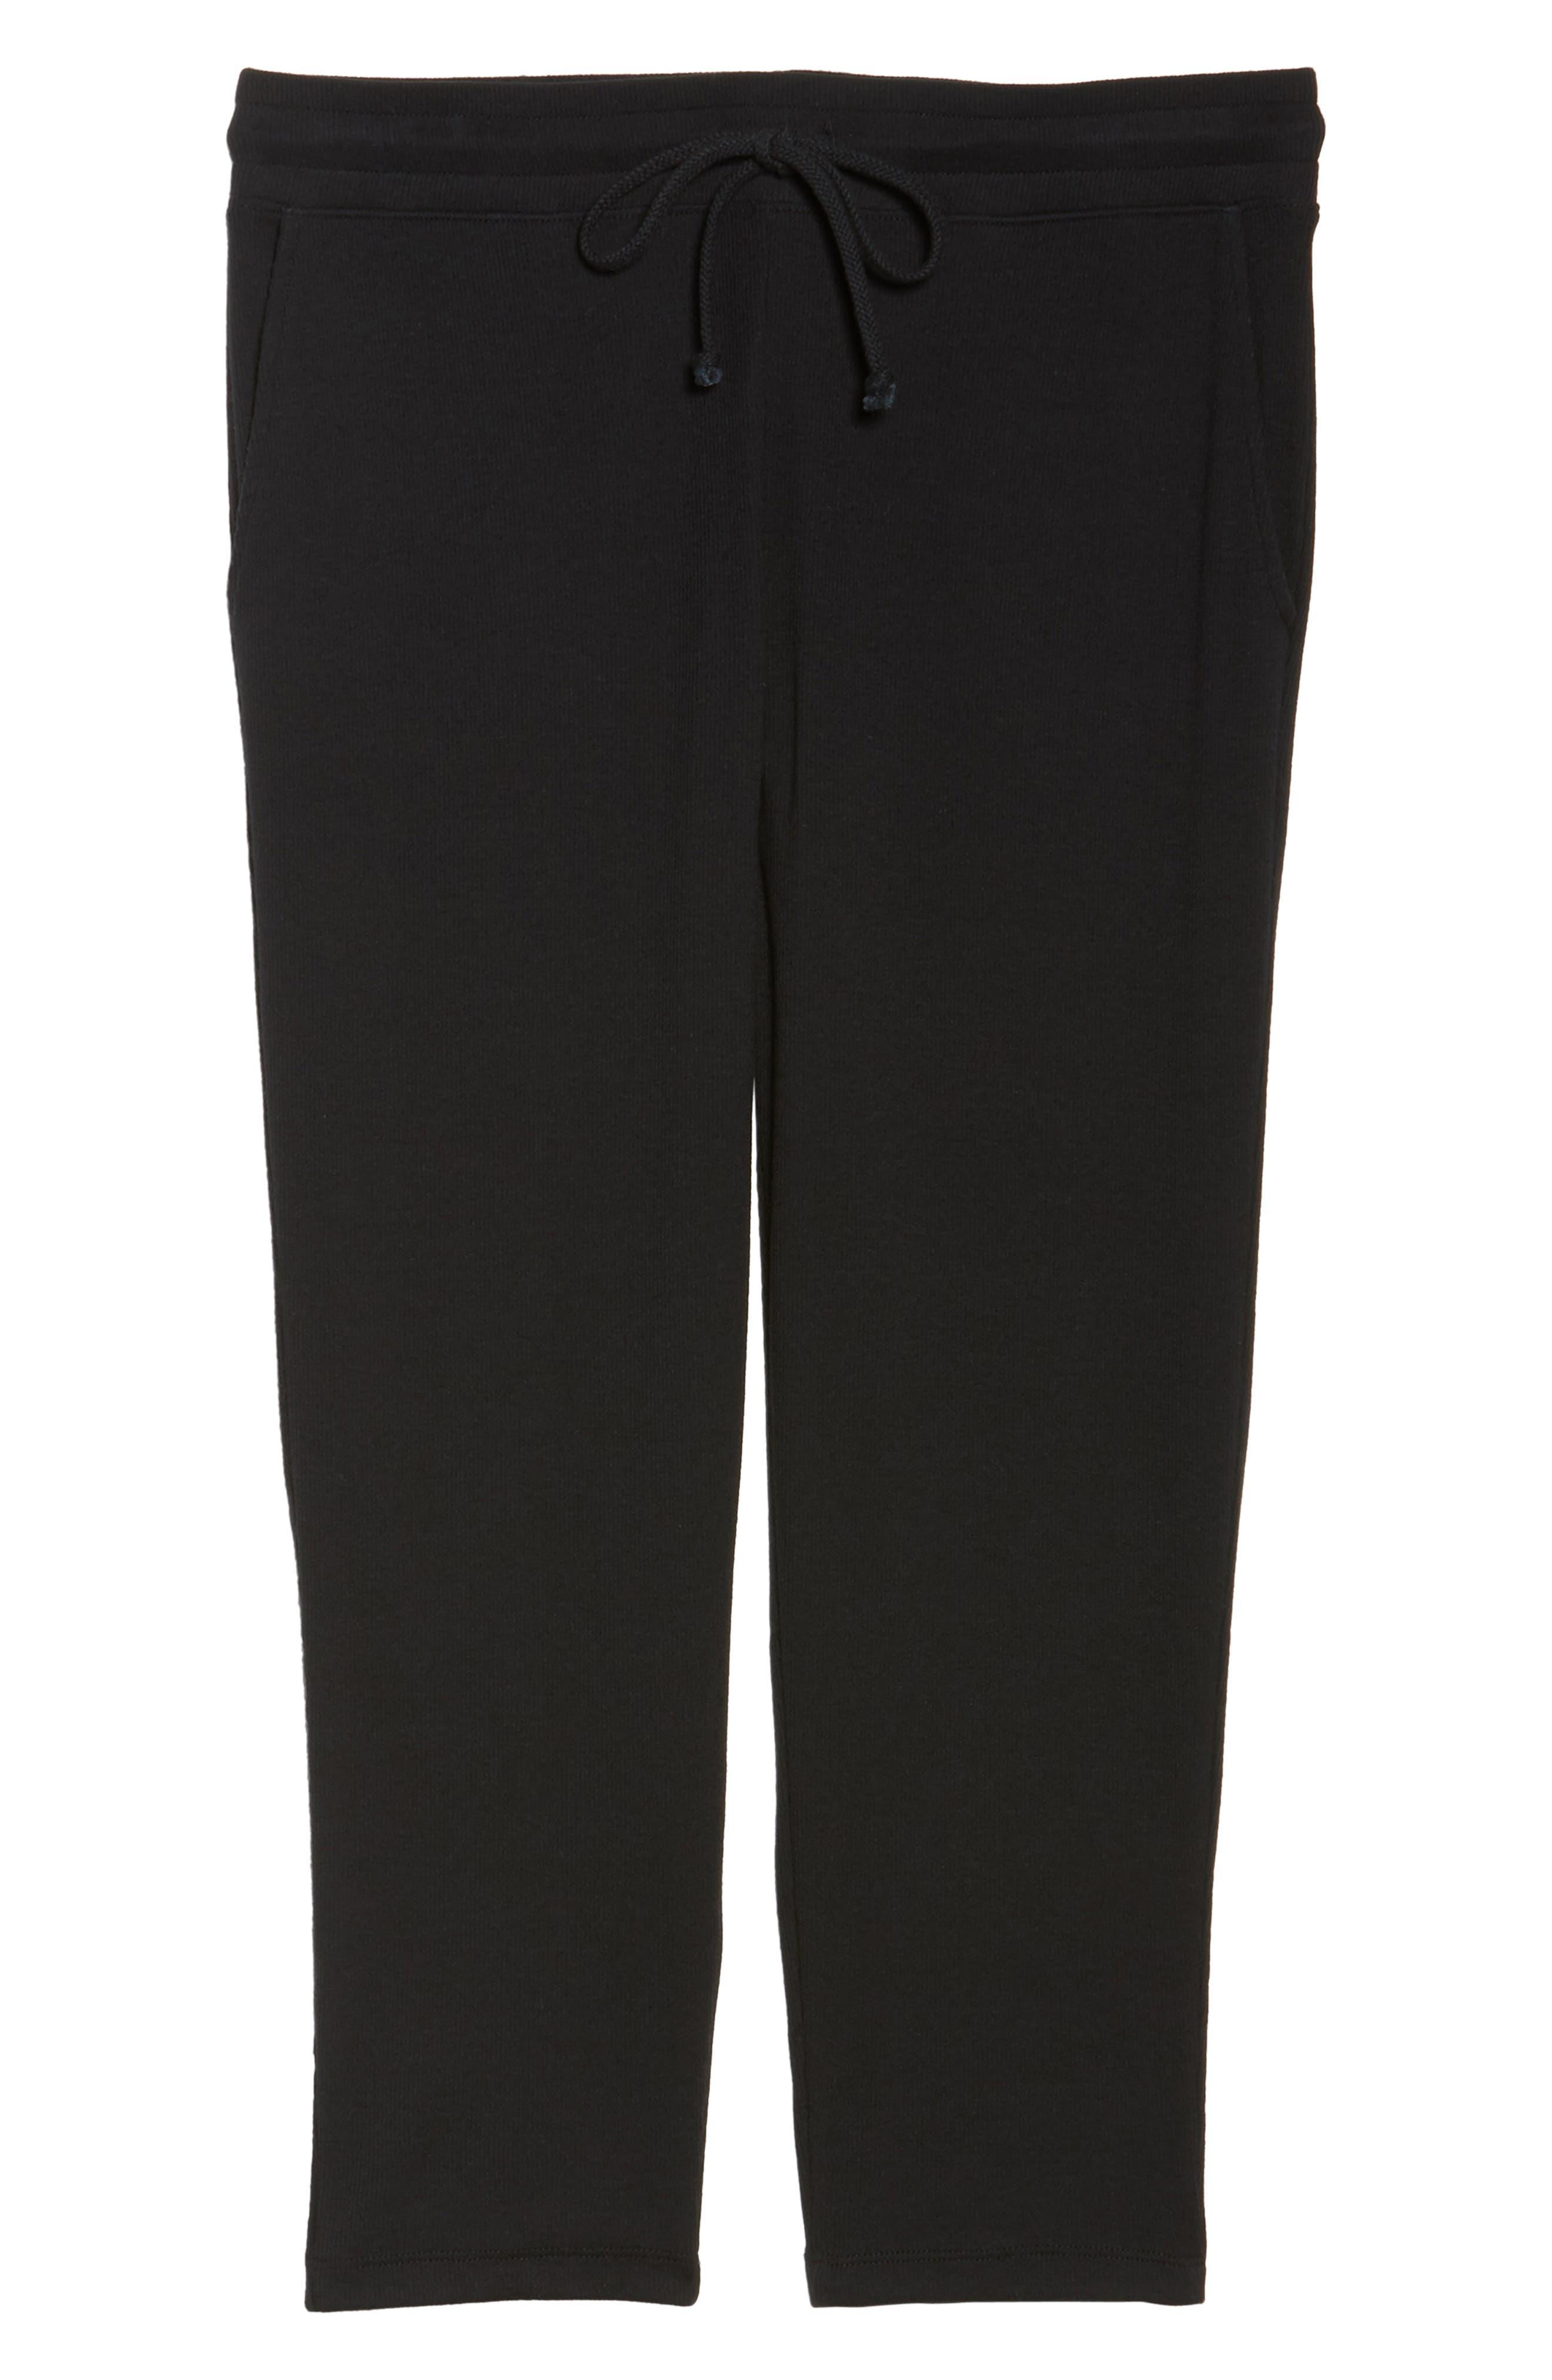 Carmin Crop Lounge Pants,                             Alternate thumbnail 6, color,                             001